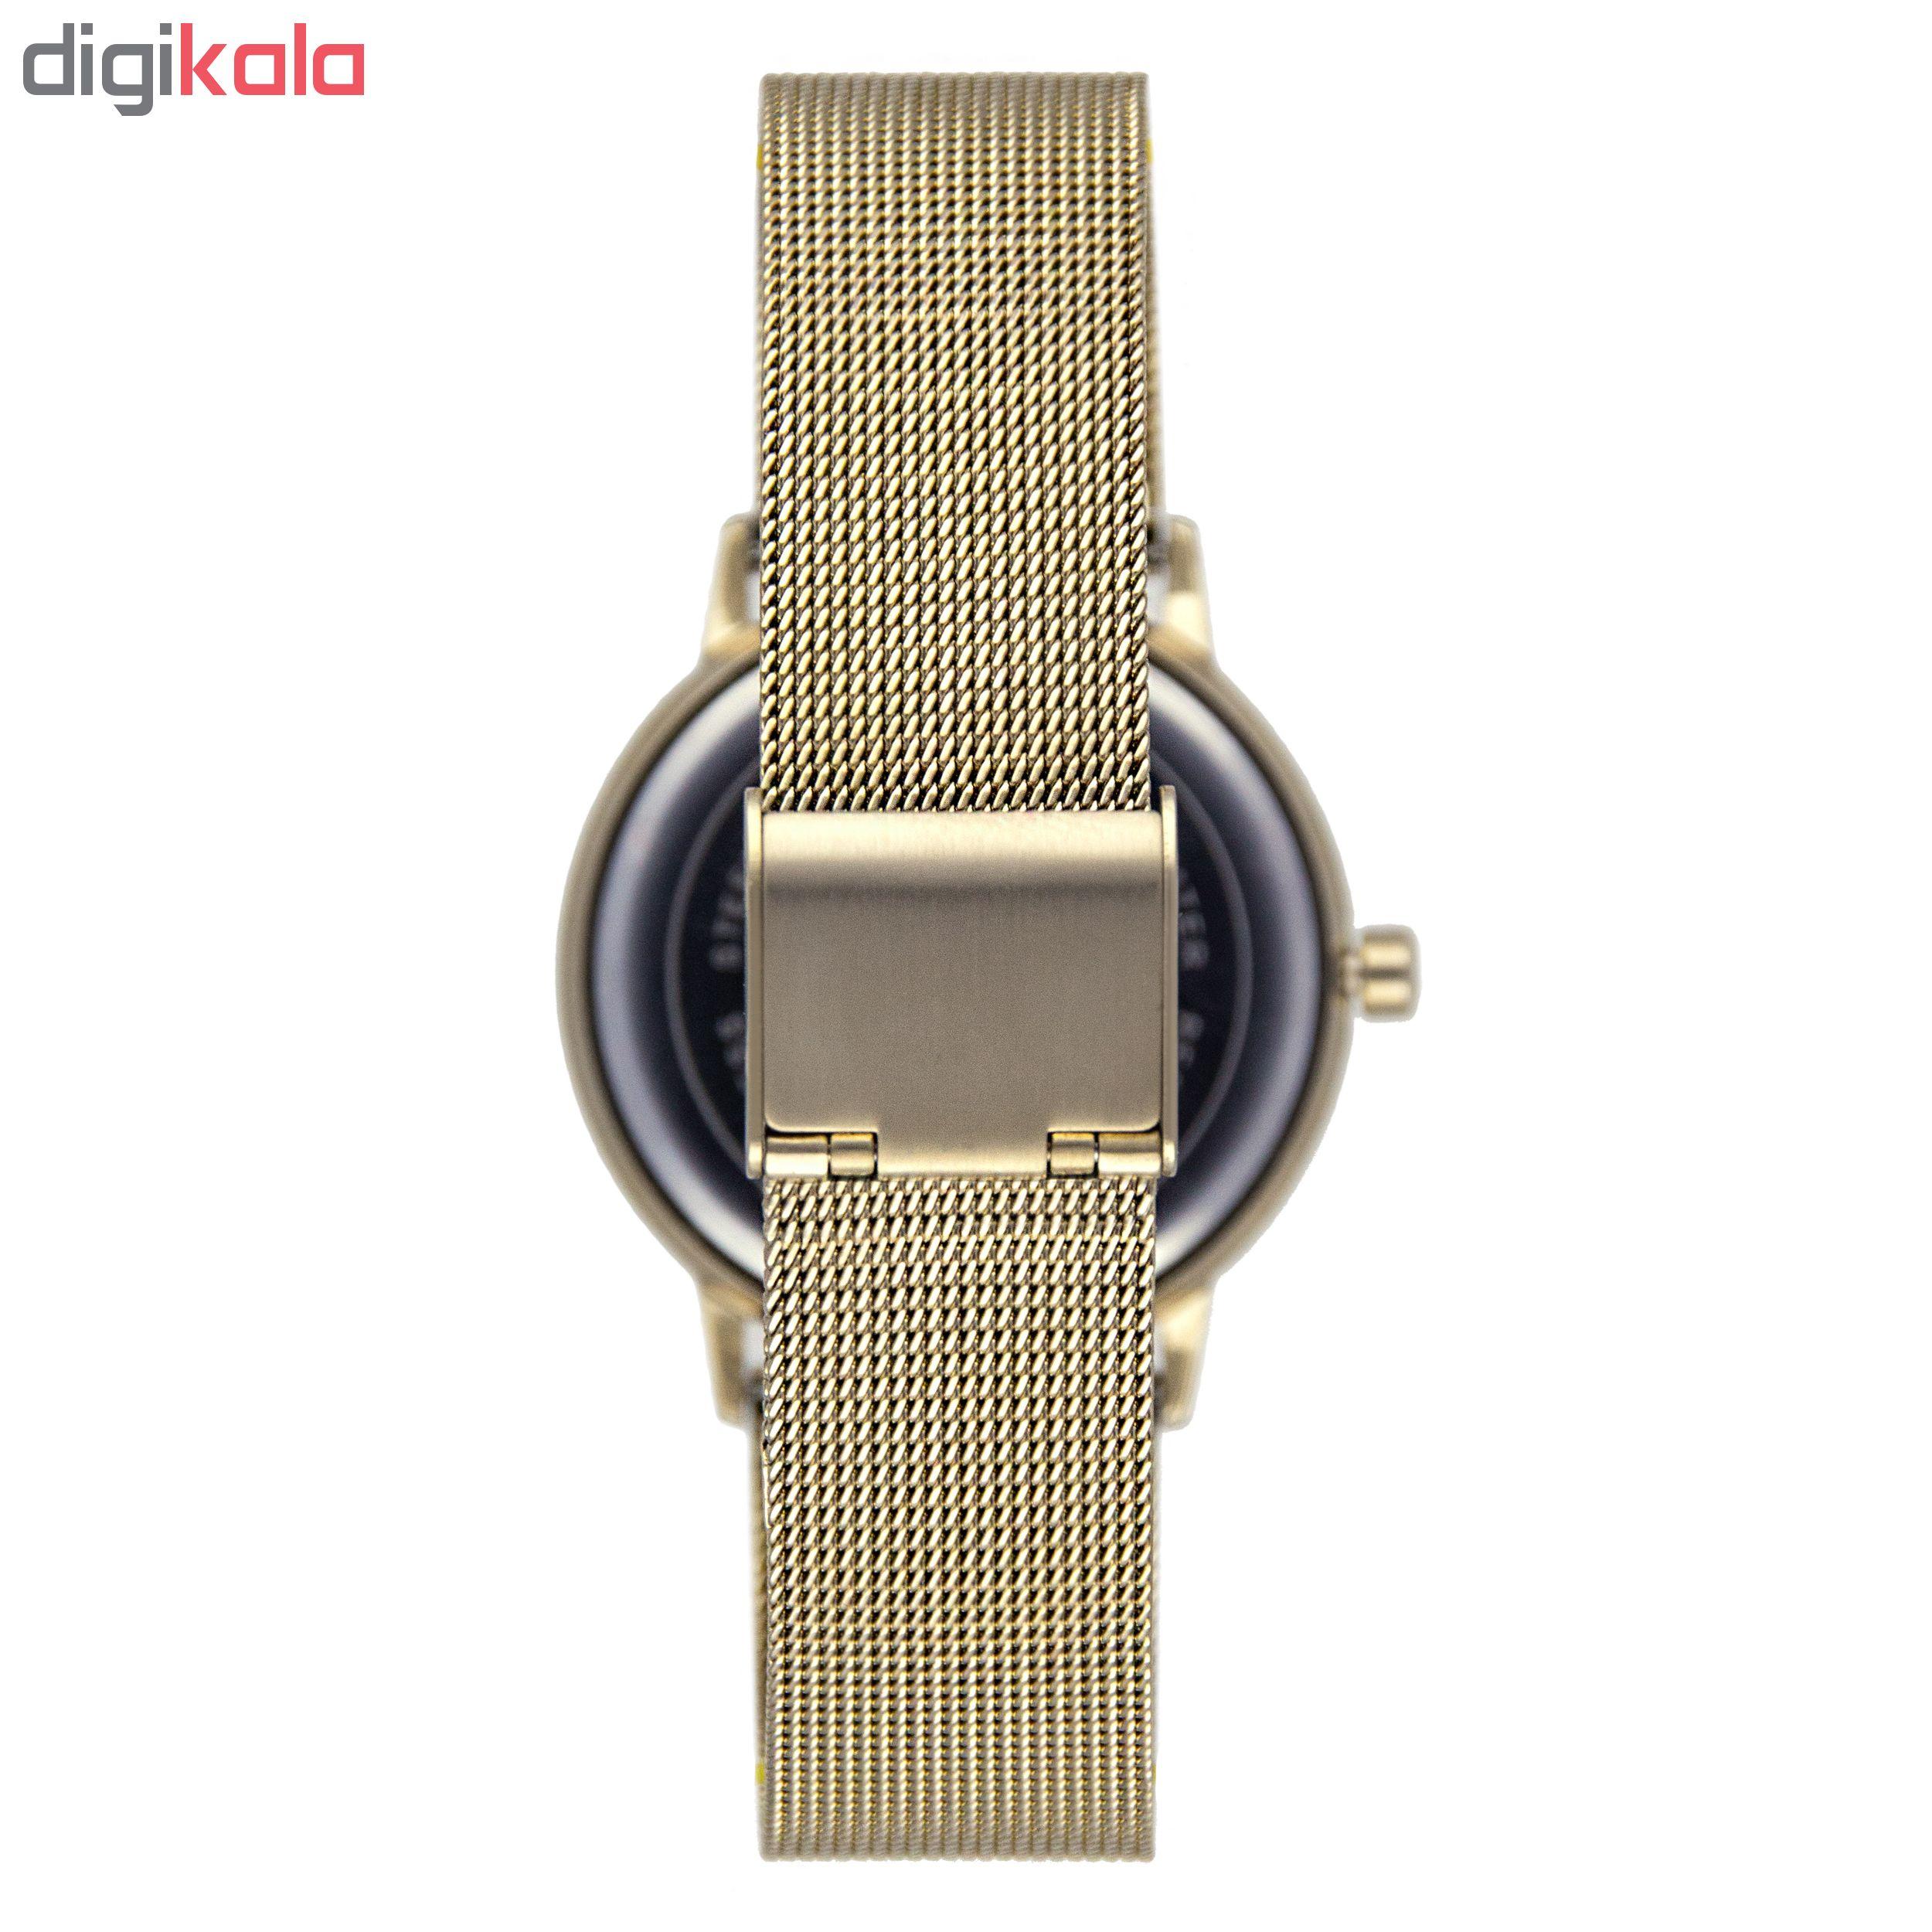 ساعت مچی عقربه ای زنانه جی کی بی اس مدل SN-2535-SG              خرید (⭐️⭐️⭐️)